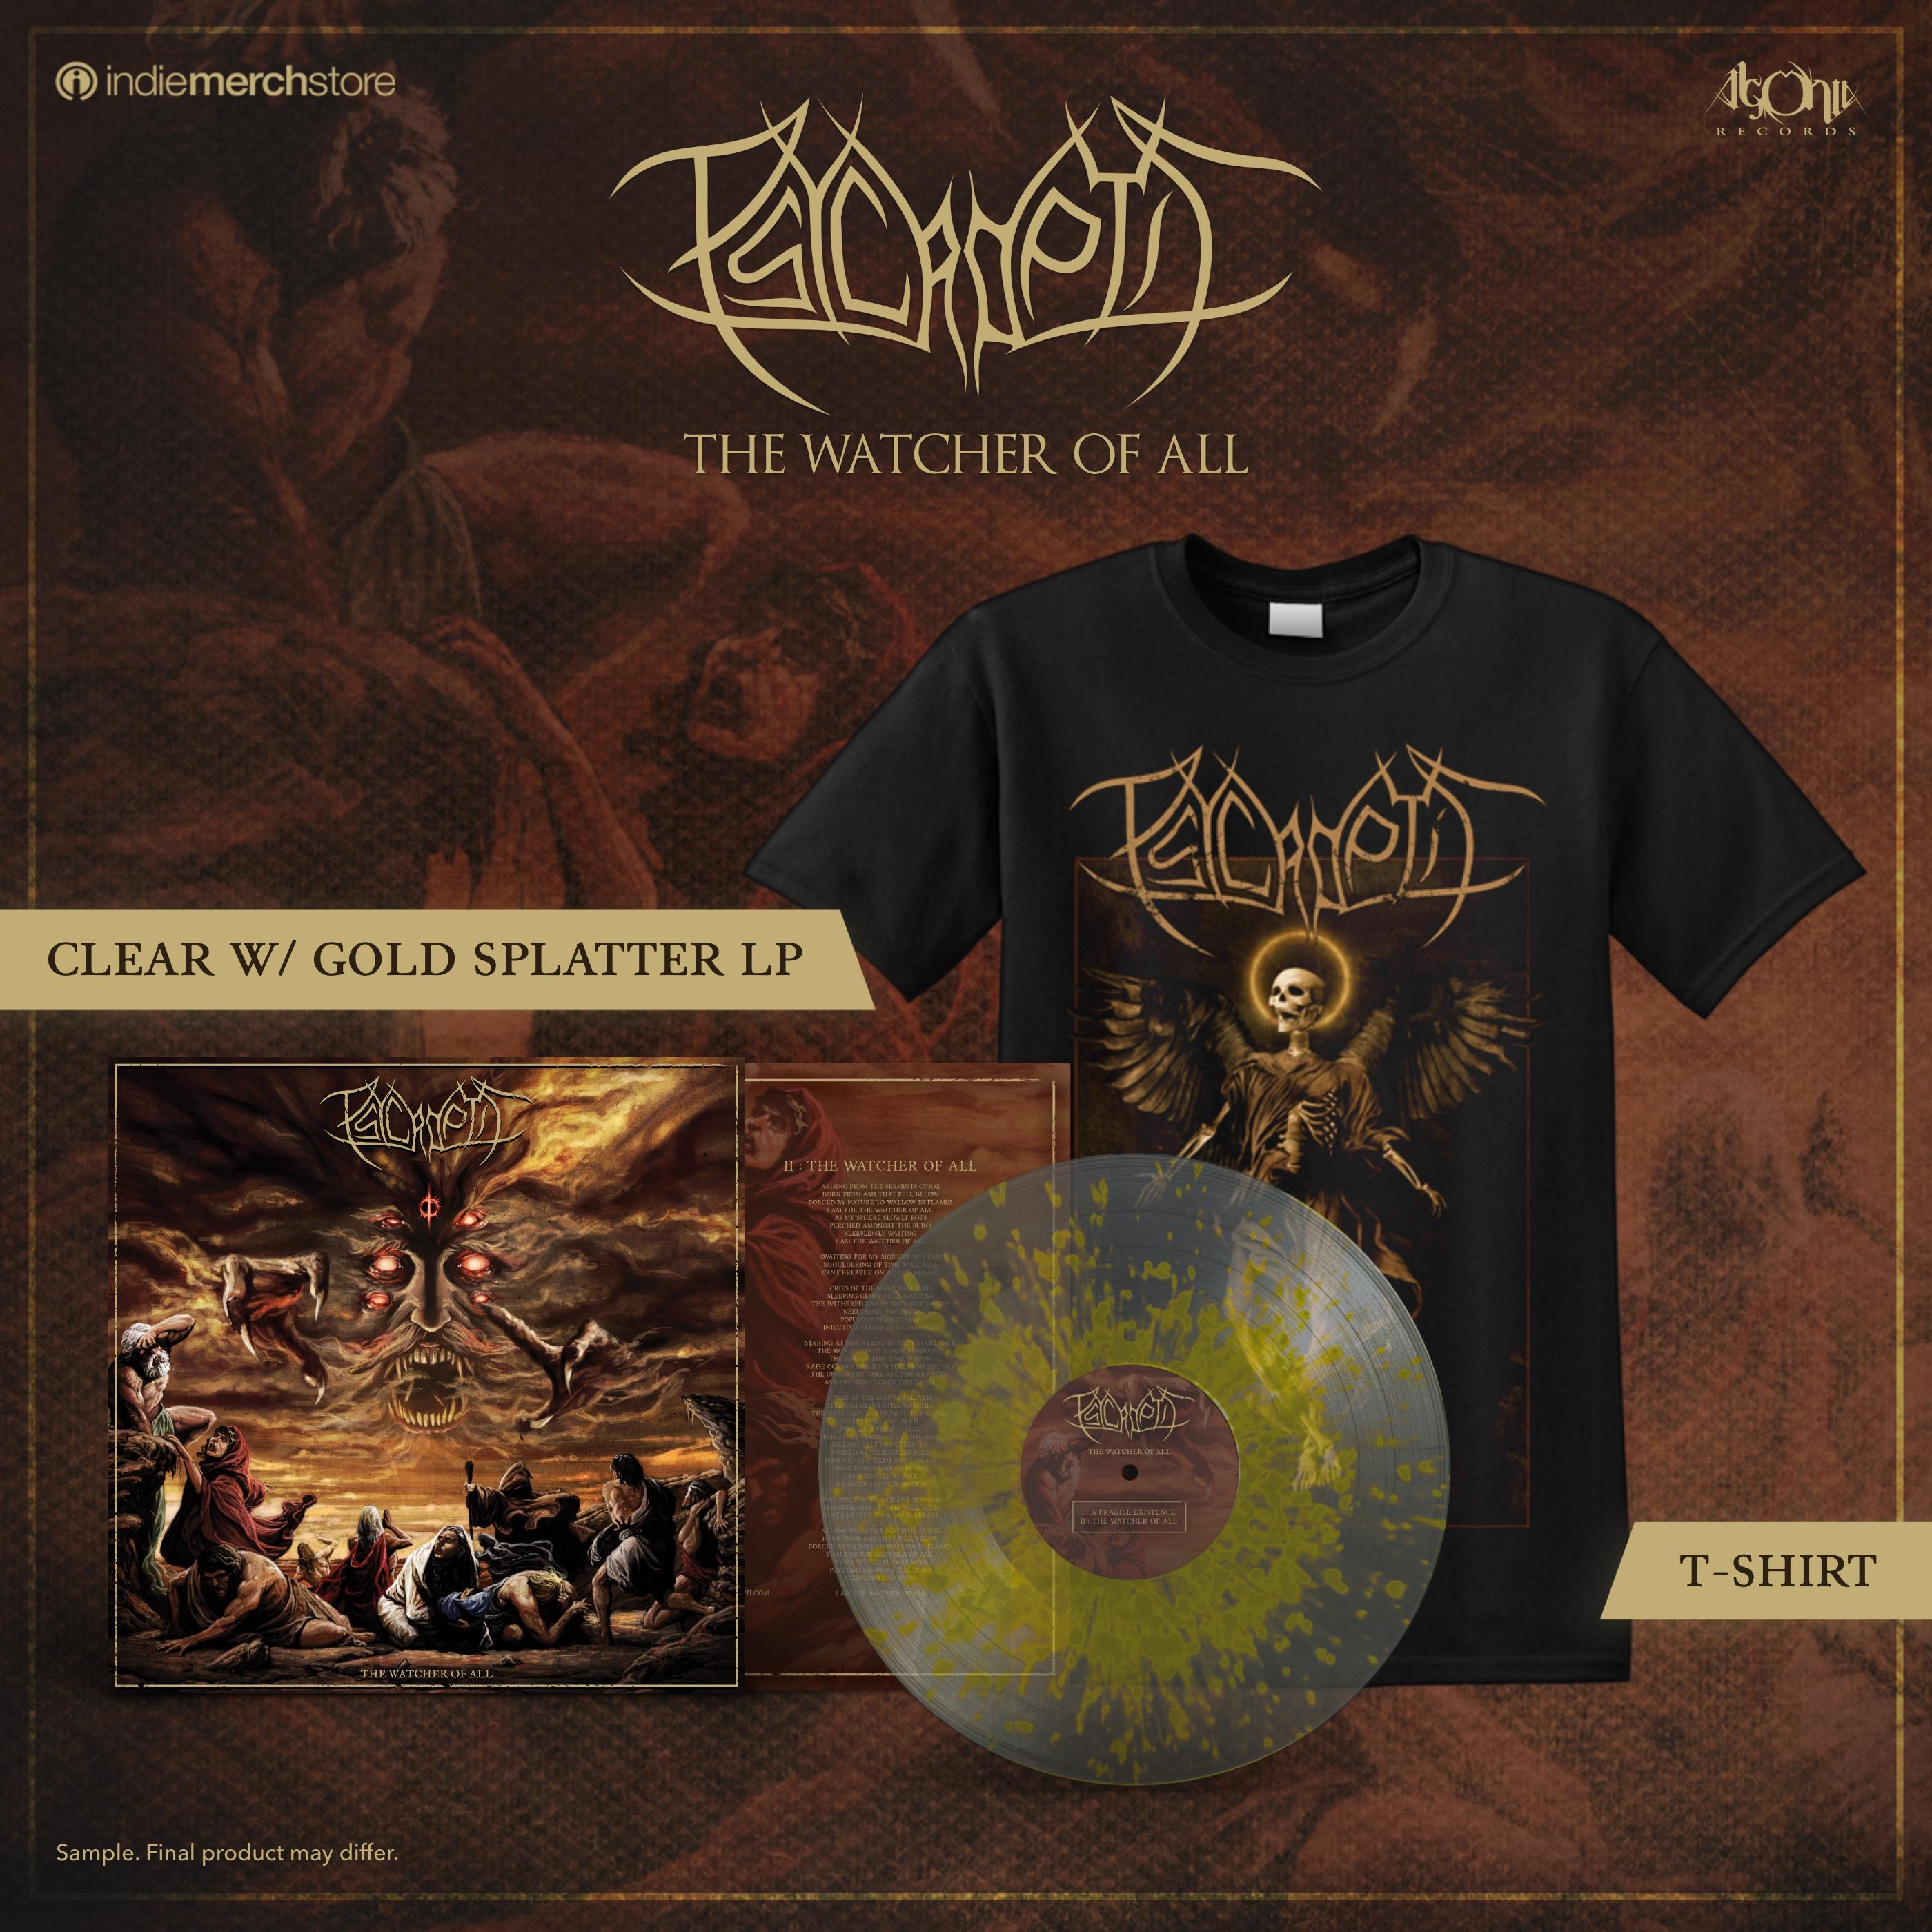 The Watcher of All Tee + Splatter LP Bundle